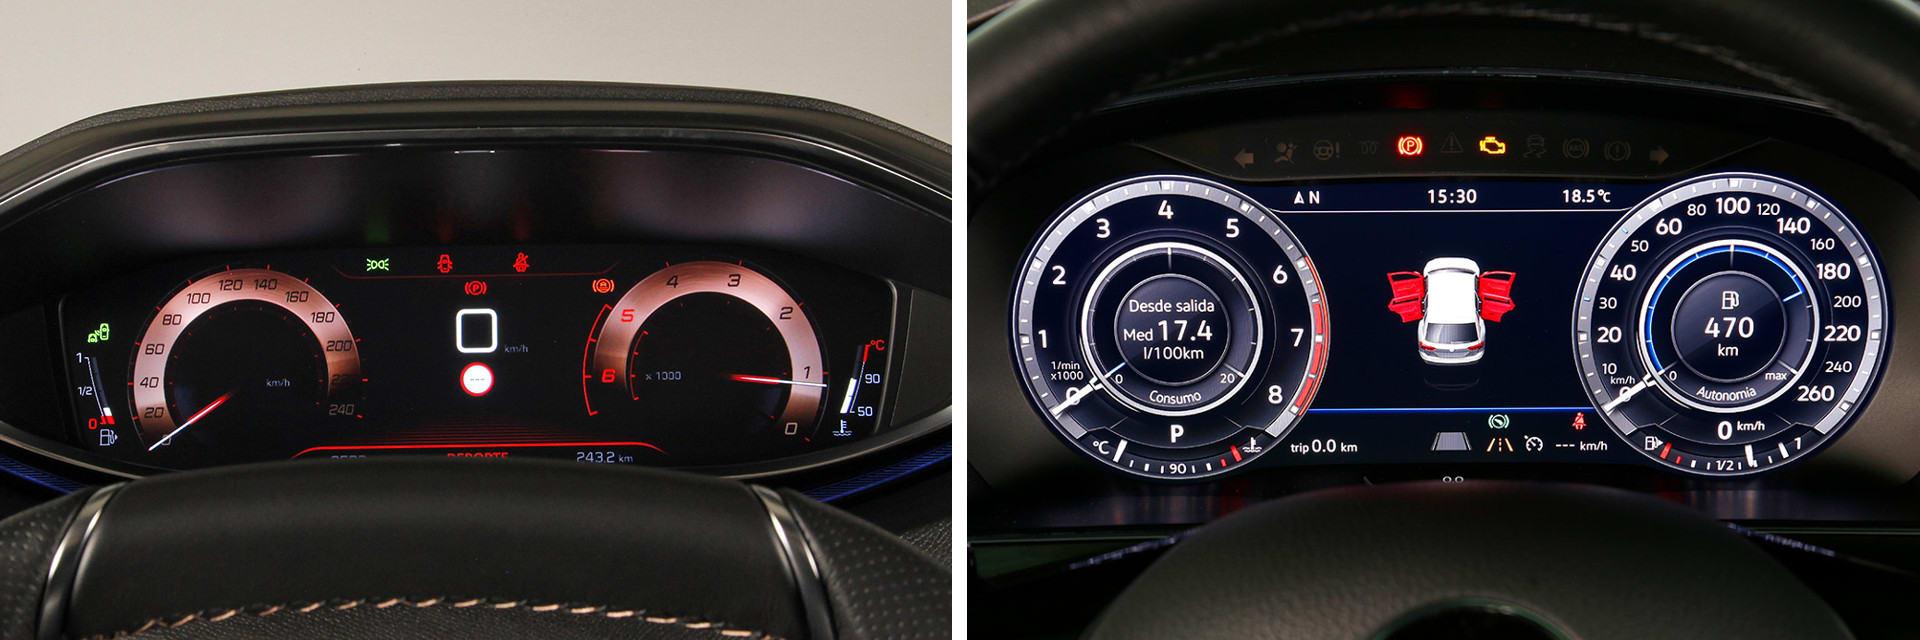 La instrumentación del Peugeot (izq.) hay que mirarla por encima del volante, no por el interior del aro como es en el Tiguan Allspace (dcha.)